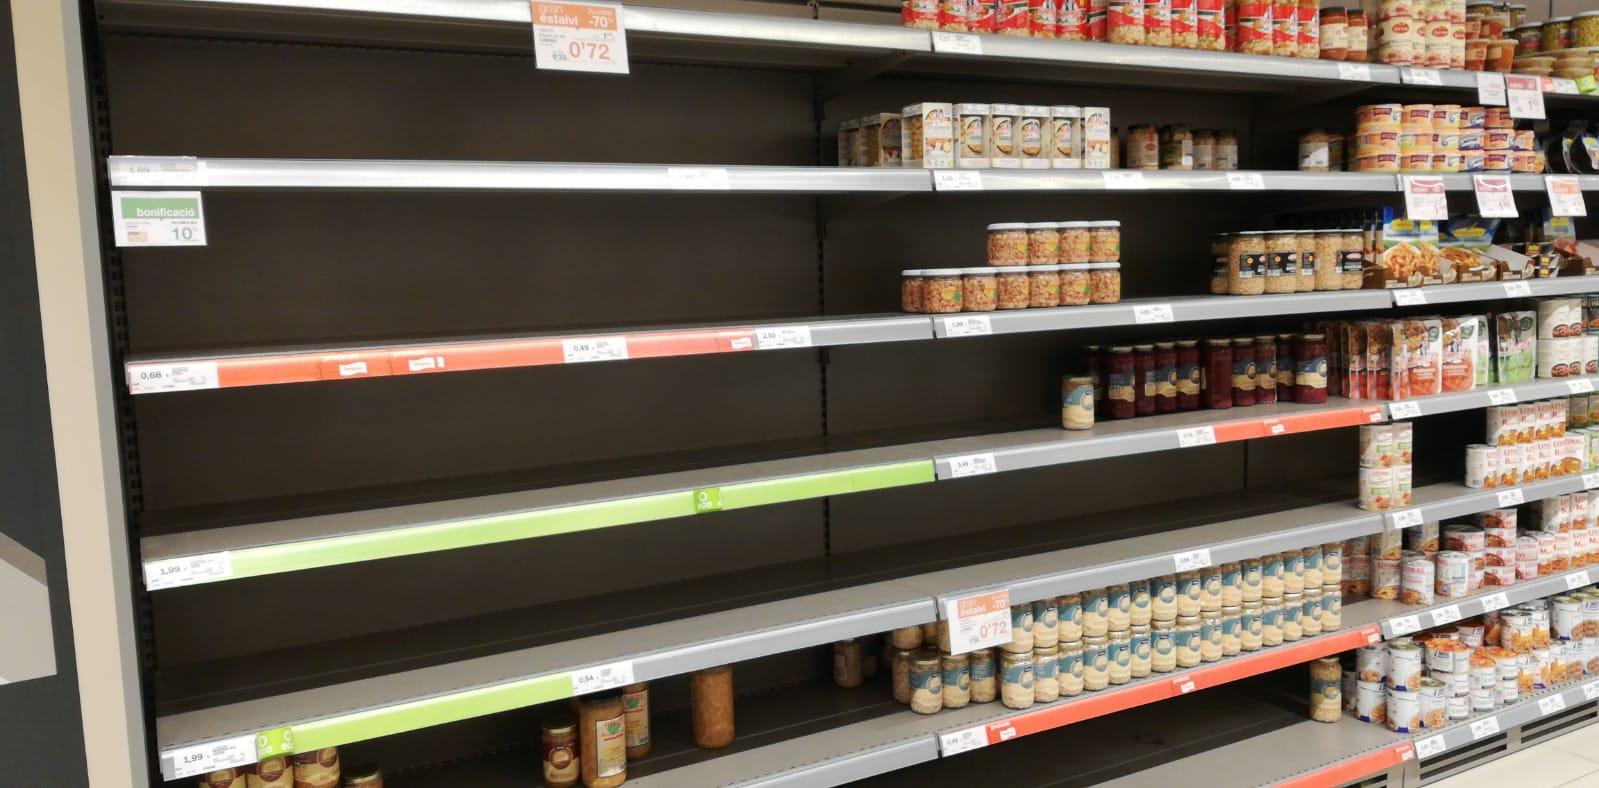 Abans del confinament, molts prestatges de supermercats eren buits. FOTO: Arxiu